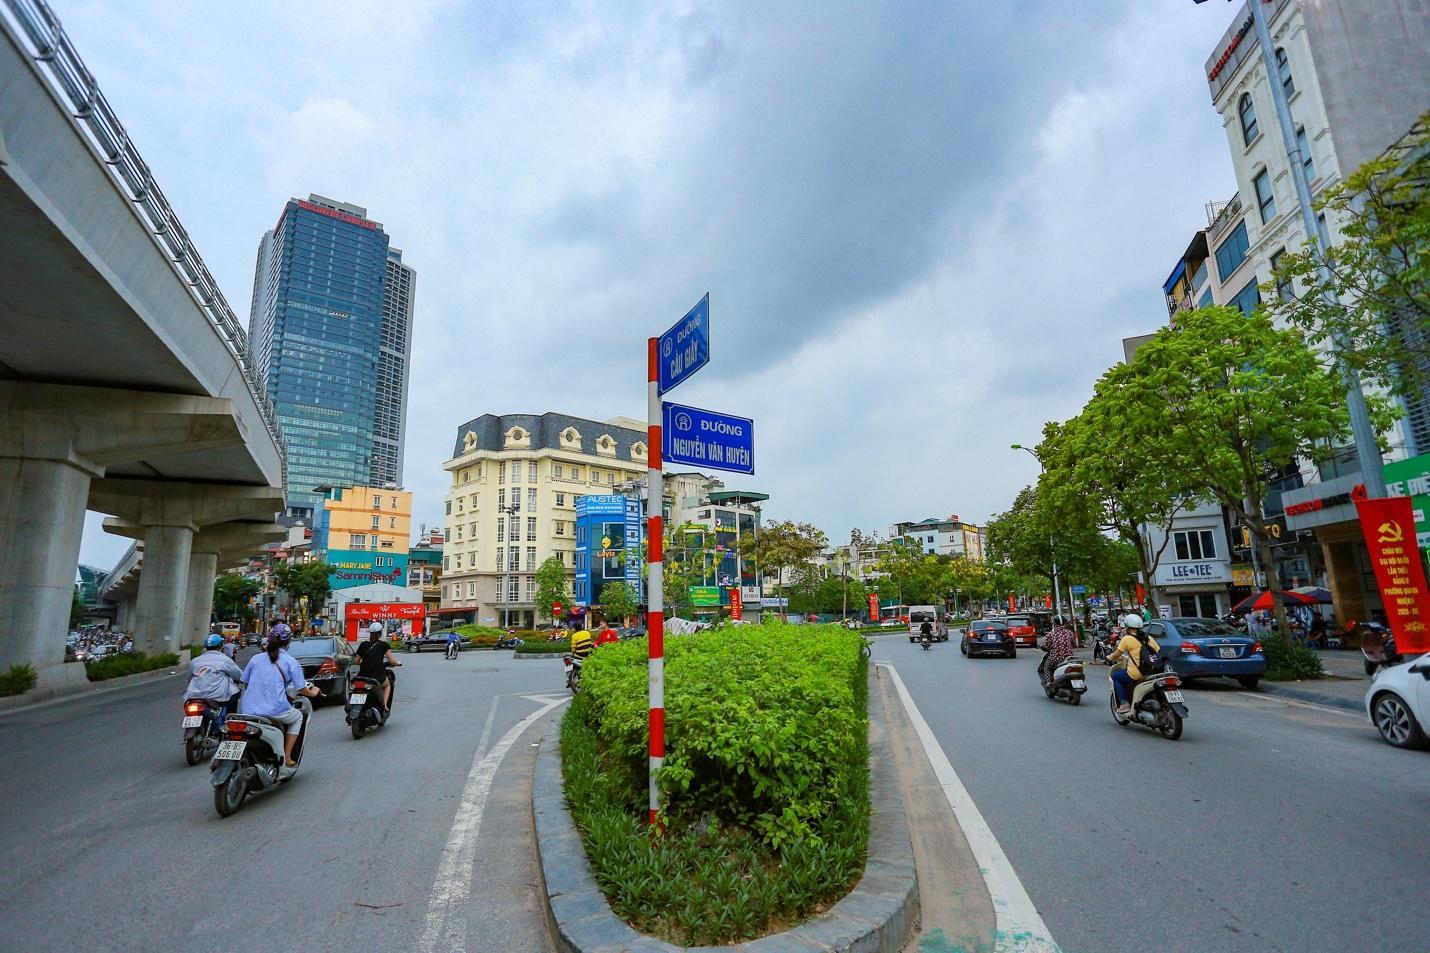 Cận cảnh 5 tuyến đường được mệnh danh đắt nhất hành tinh ở Hà Nội - Ảnh 6.